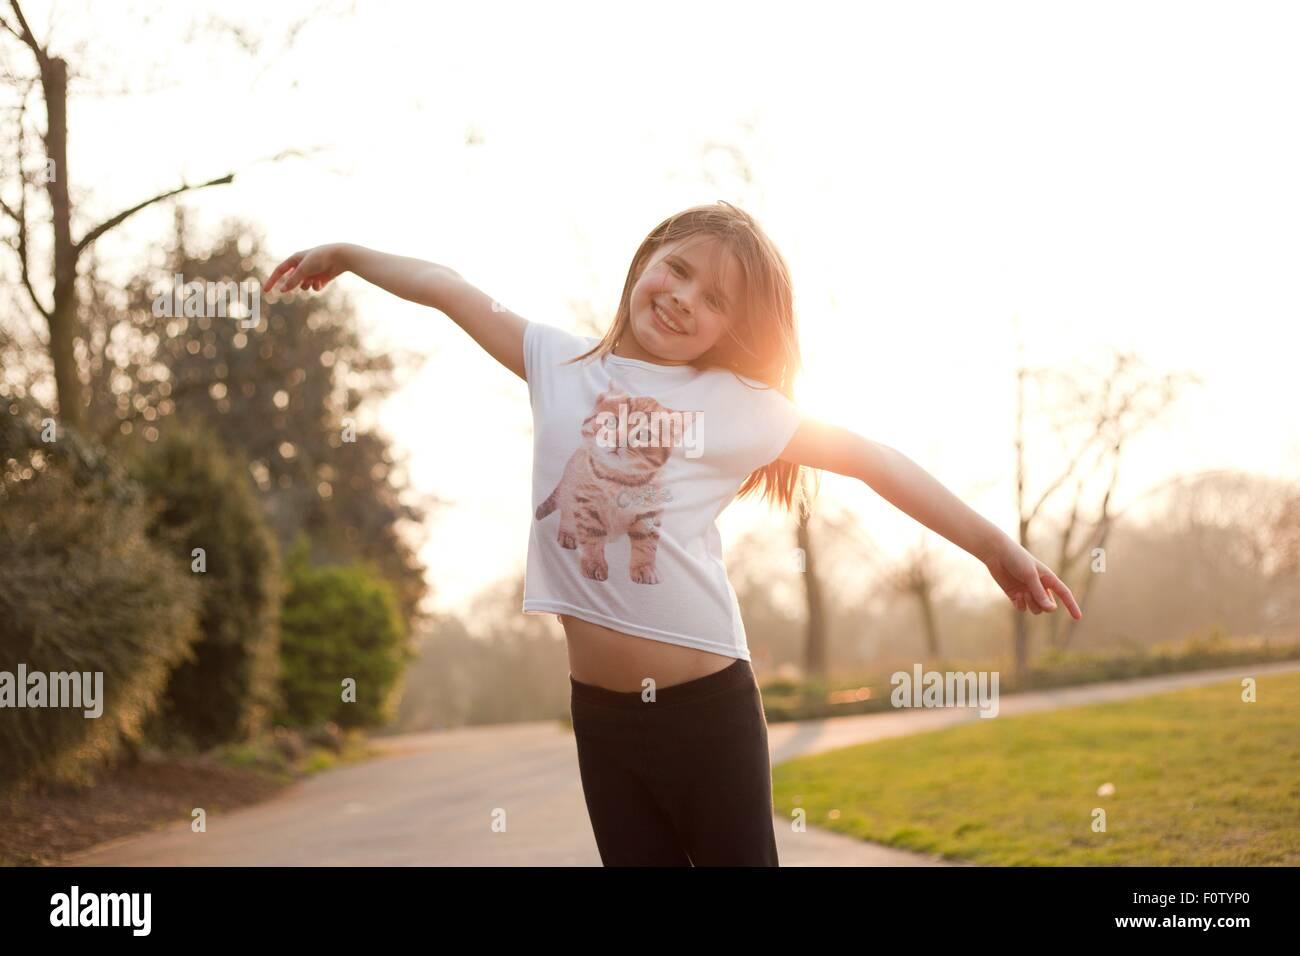 Ritratto di giovane ragazza nel parco, sorridente Immagini Stock